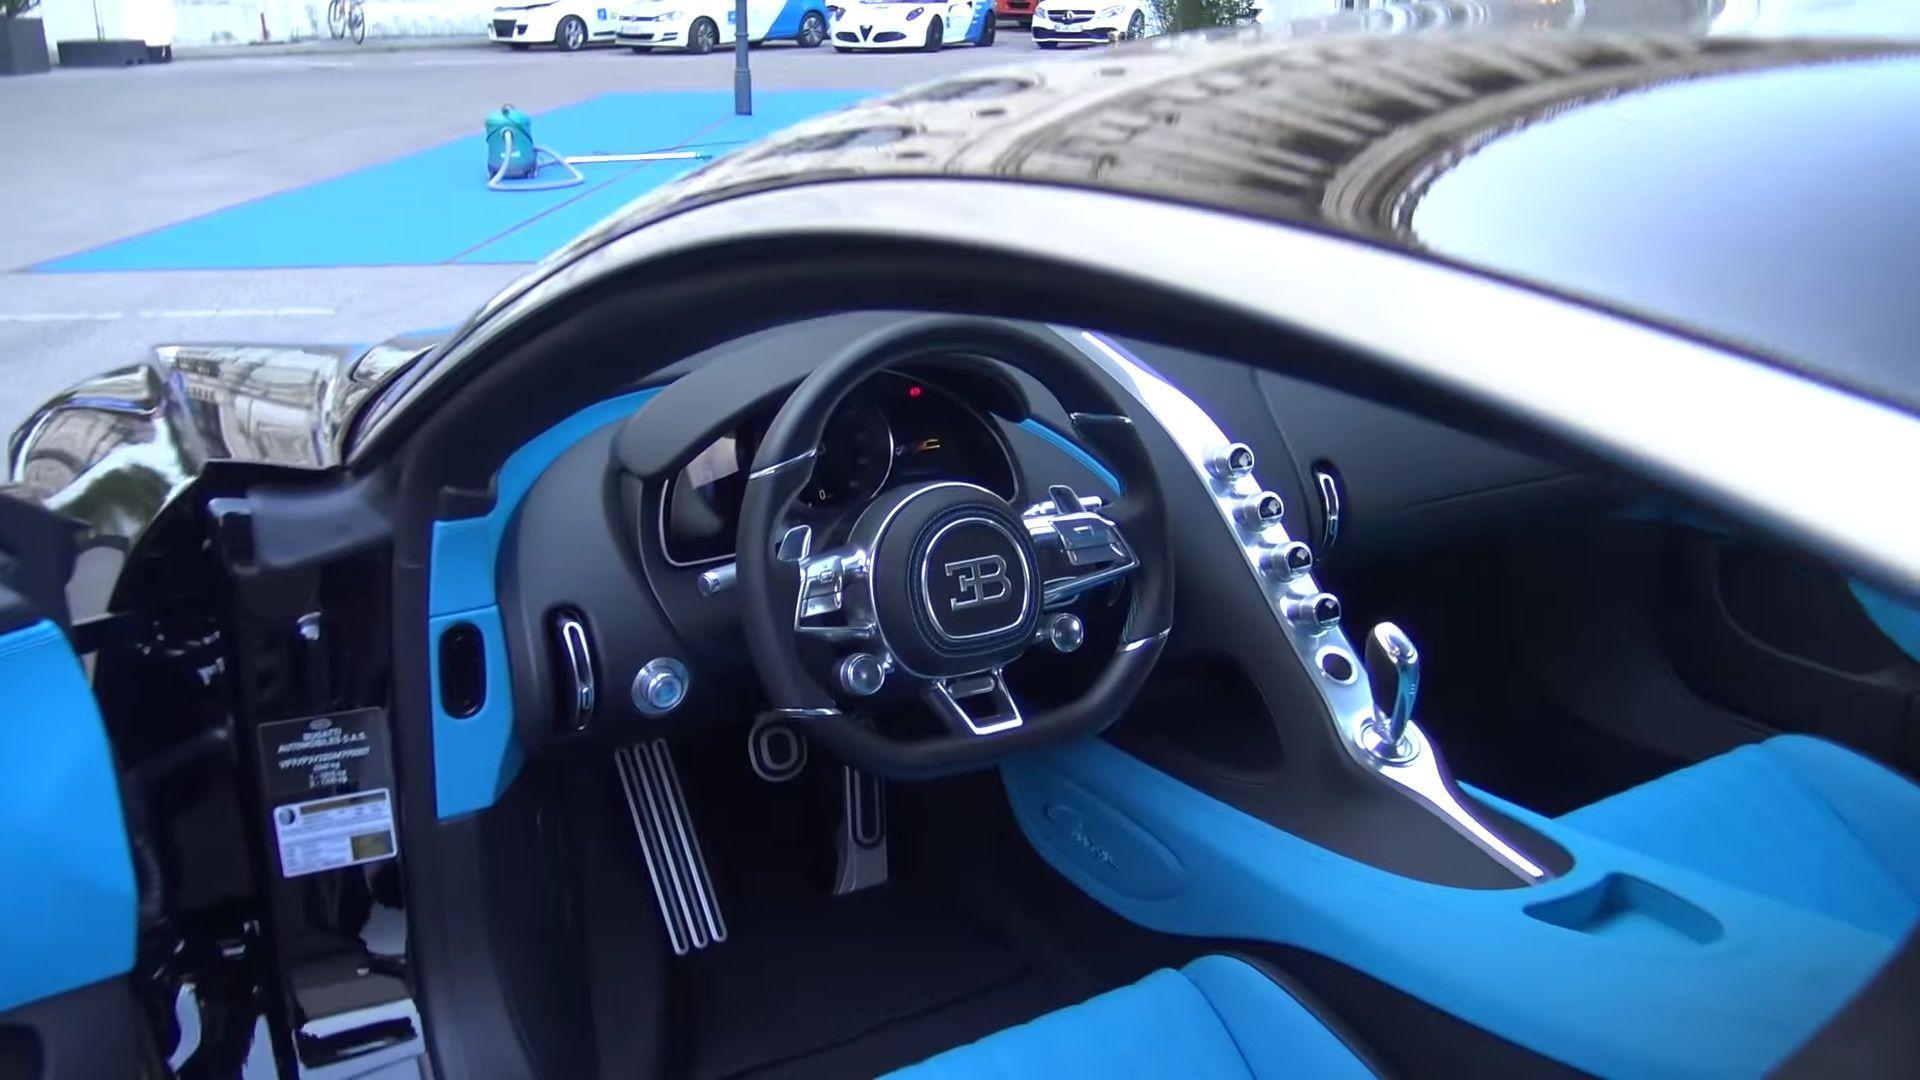 1500hp bugatti chiron interior view black and blue interior 2 auto addiction interiors. Black Bedroom Furniture Sets. Home Design Ideas